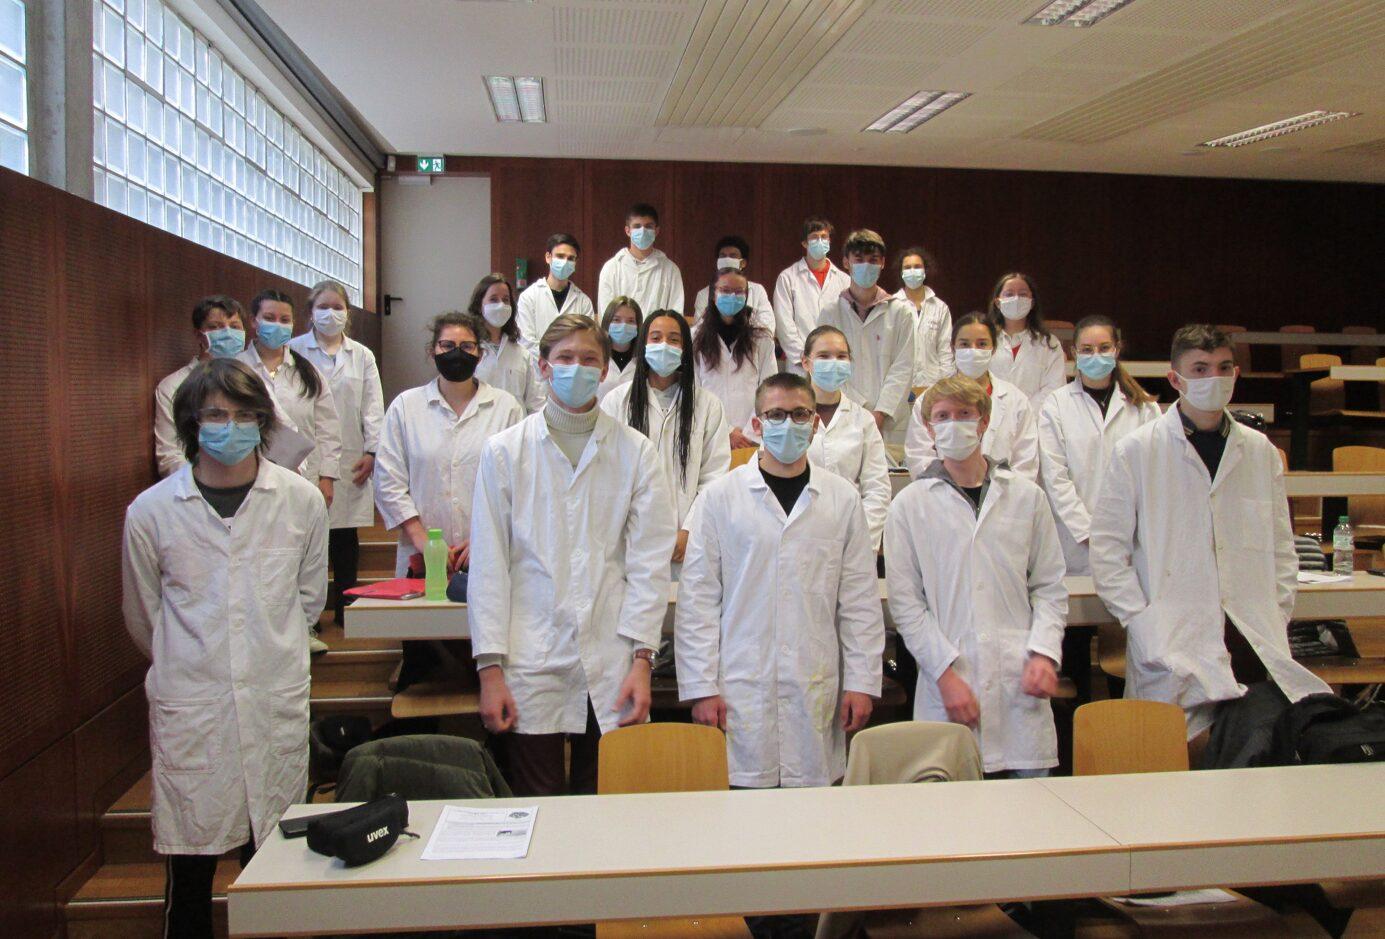 Des élèves enthousiastes avant l'épreuve.